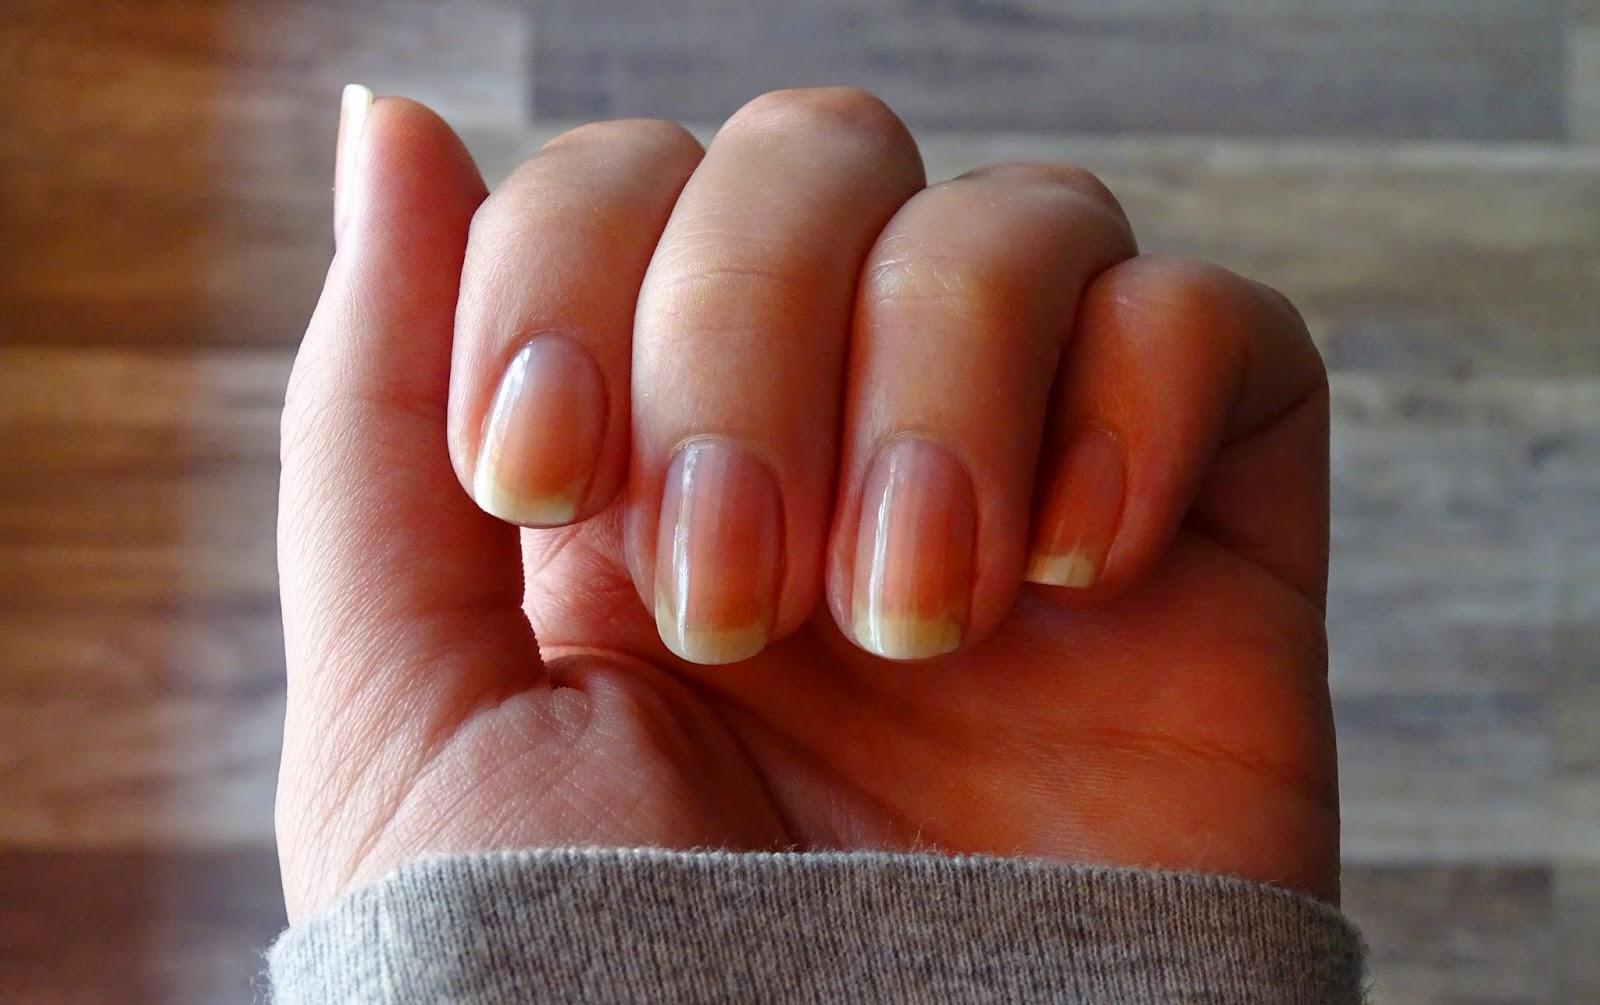 lakier hybrydowy niszczy paznokcie